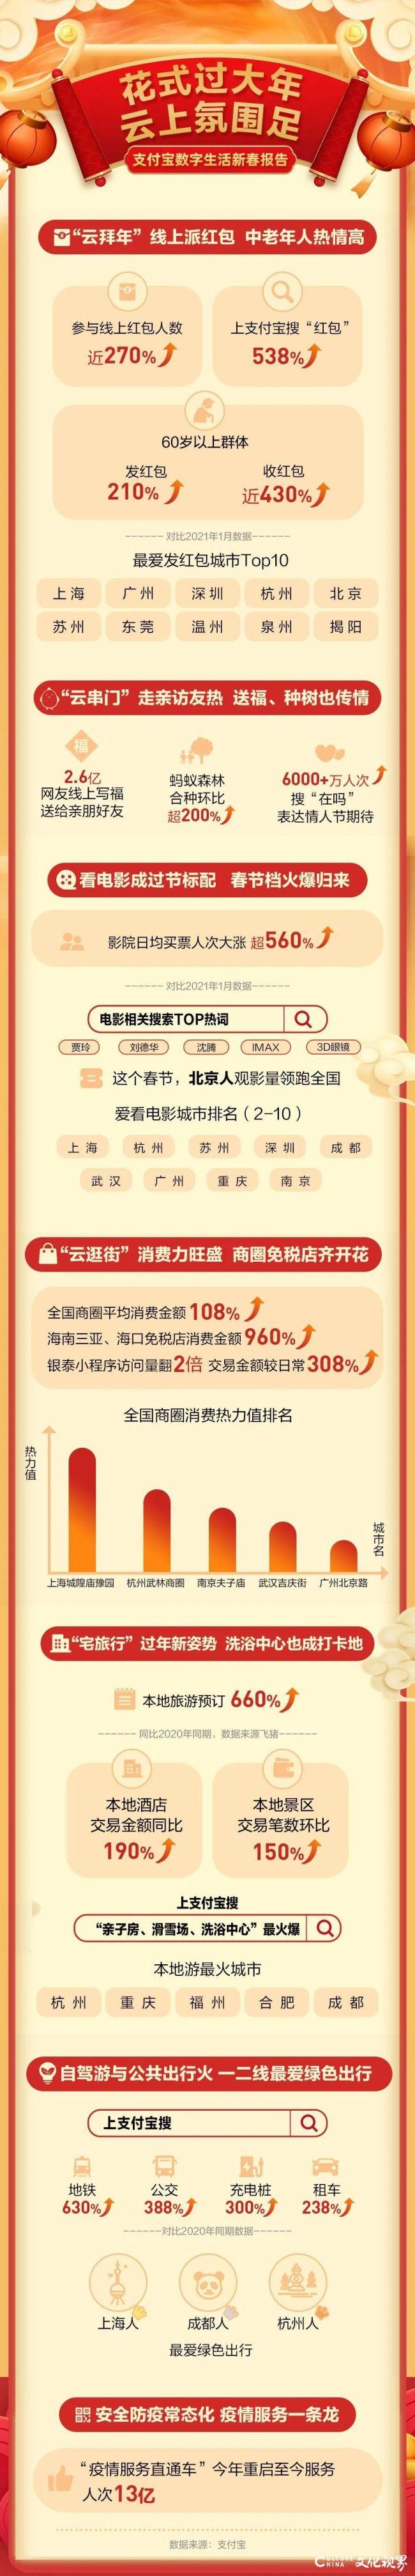 山东过年消费热:收支付宝红包人数涨181%,济南火锅外卖同比增3倍